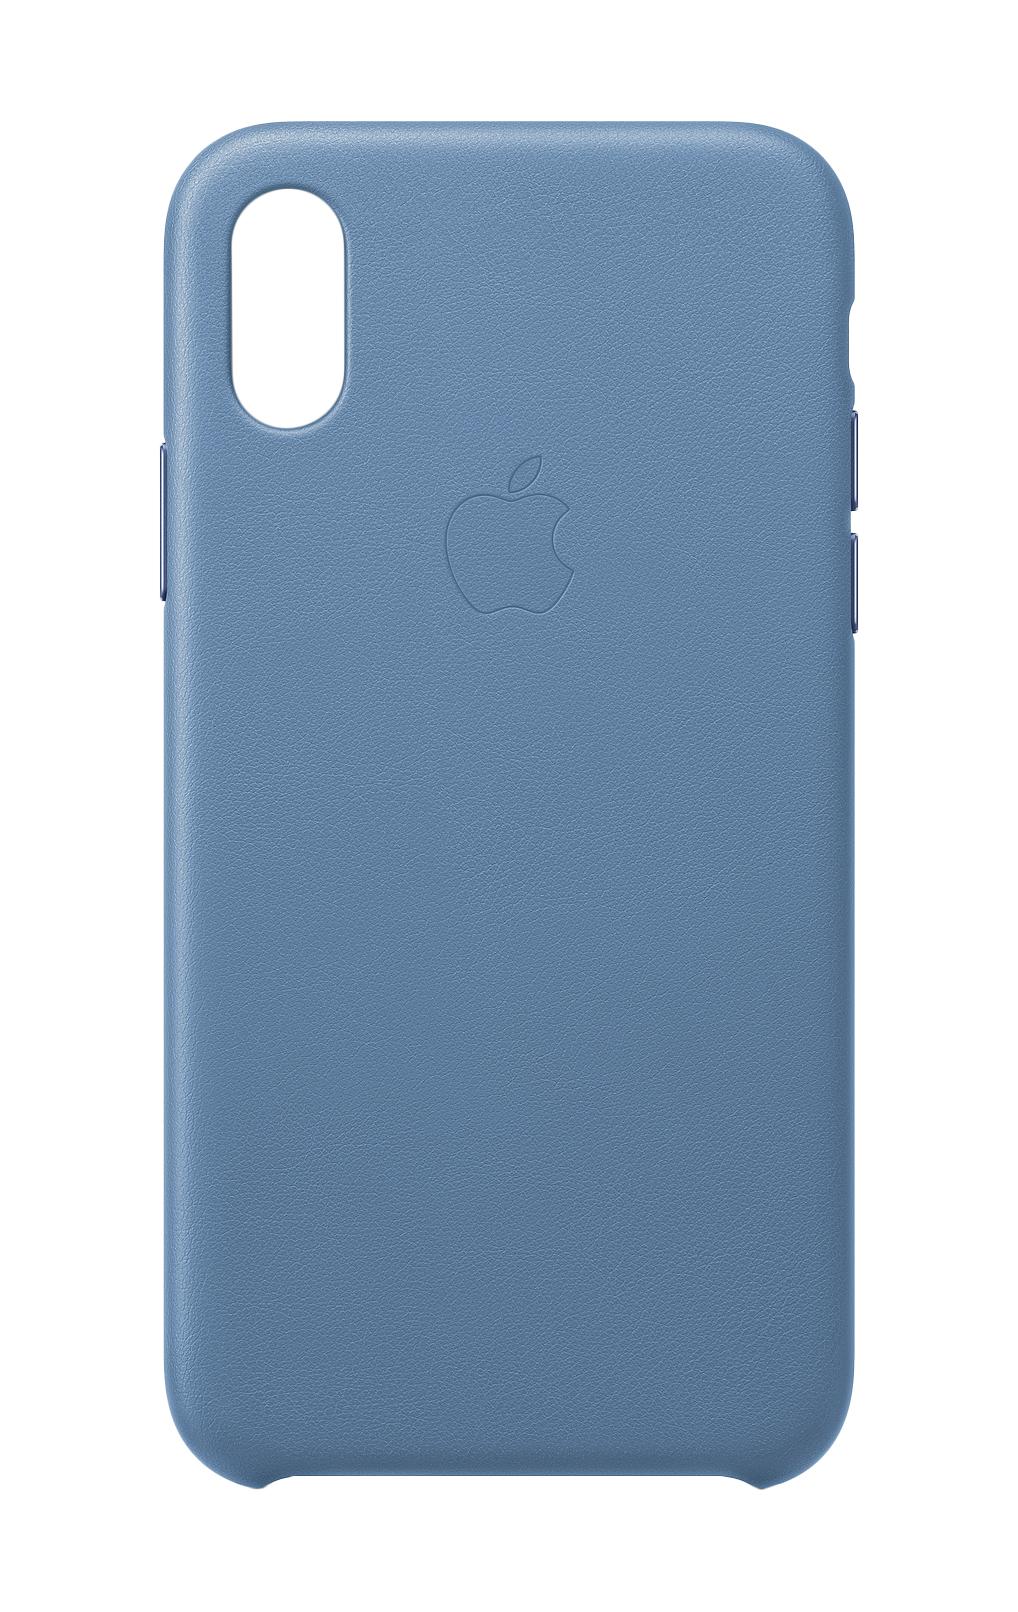 Apple MVFP2ZM/A funda para teléfono móvil